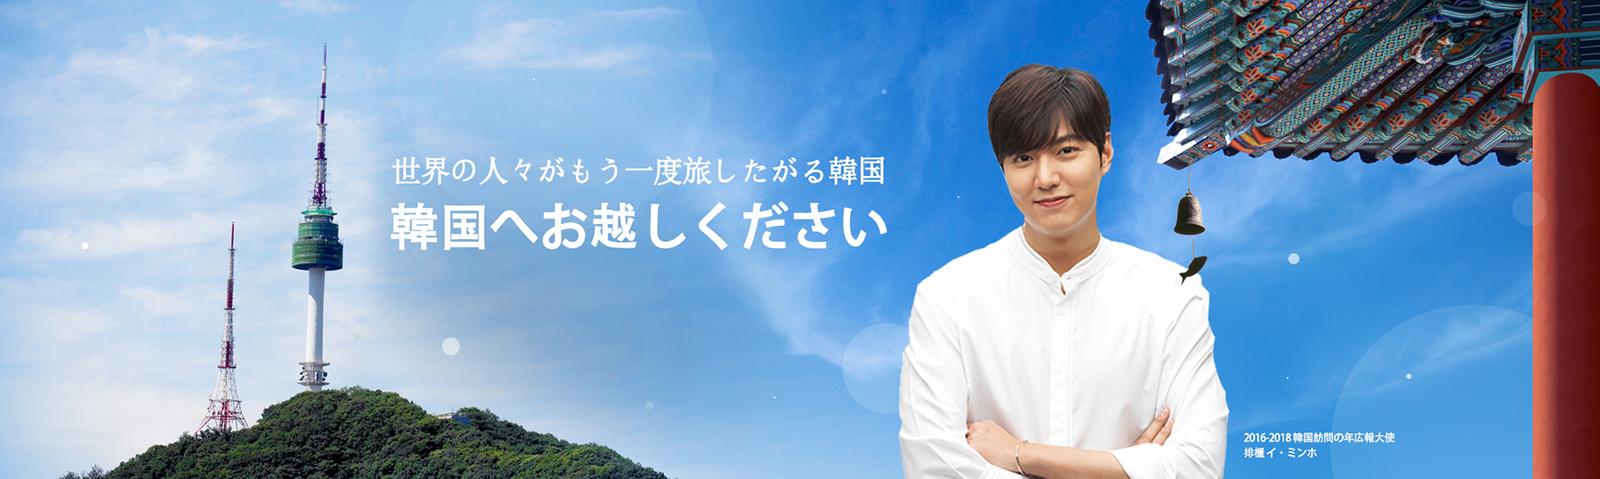 pc_main1_jp